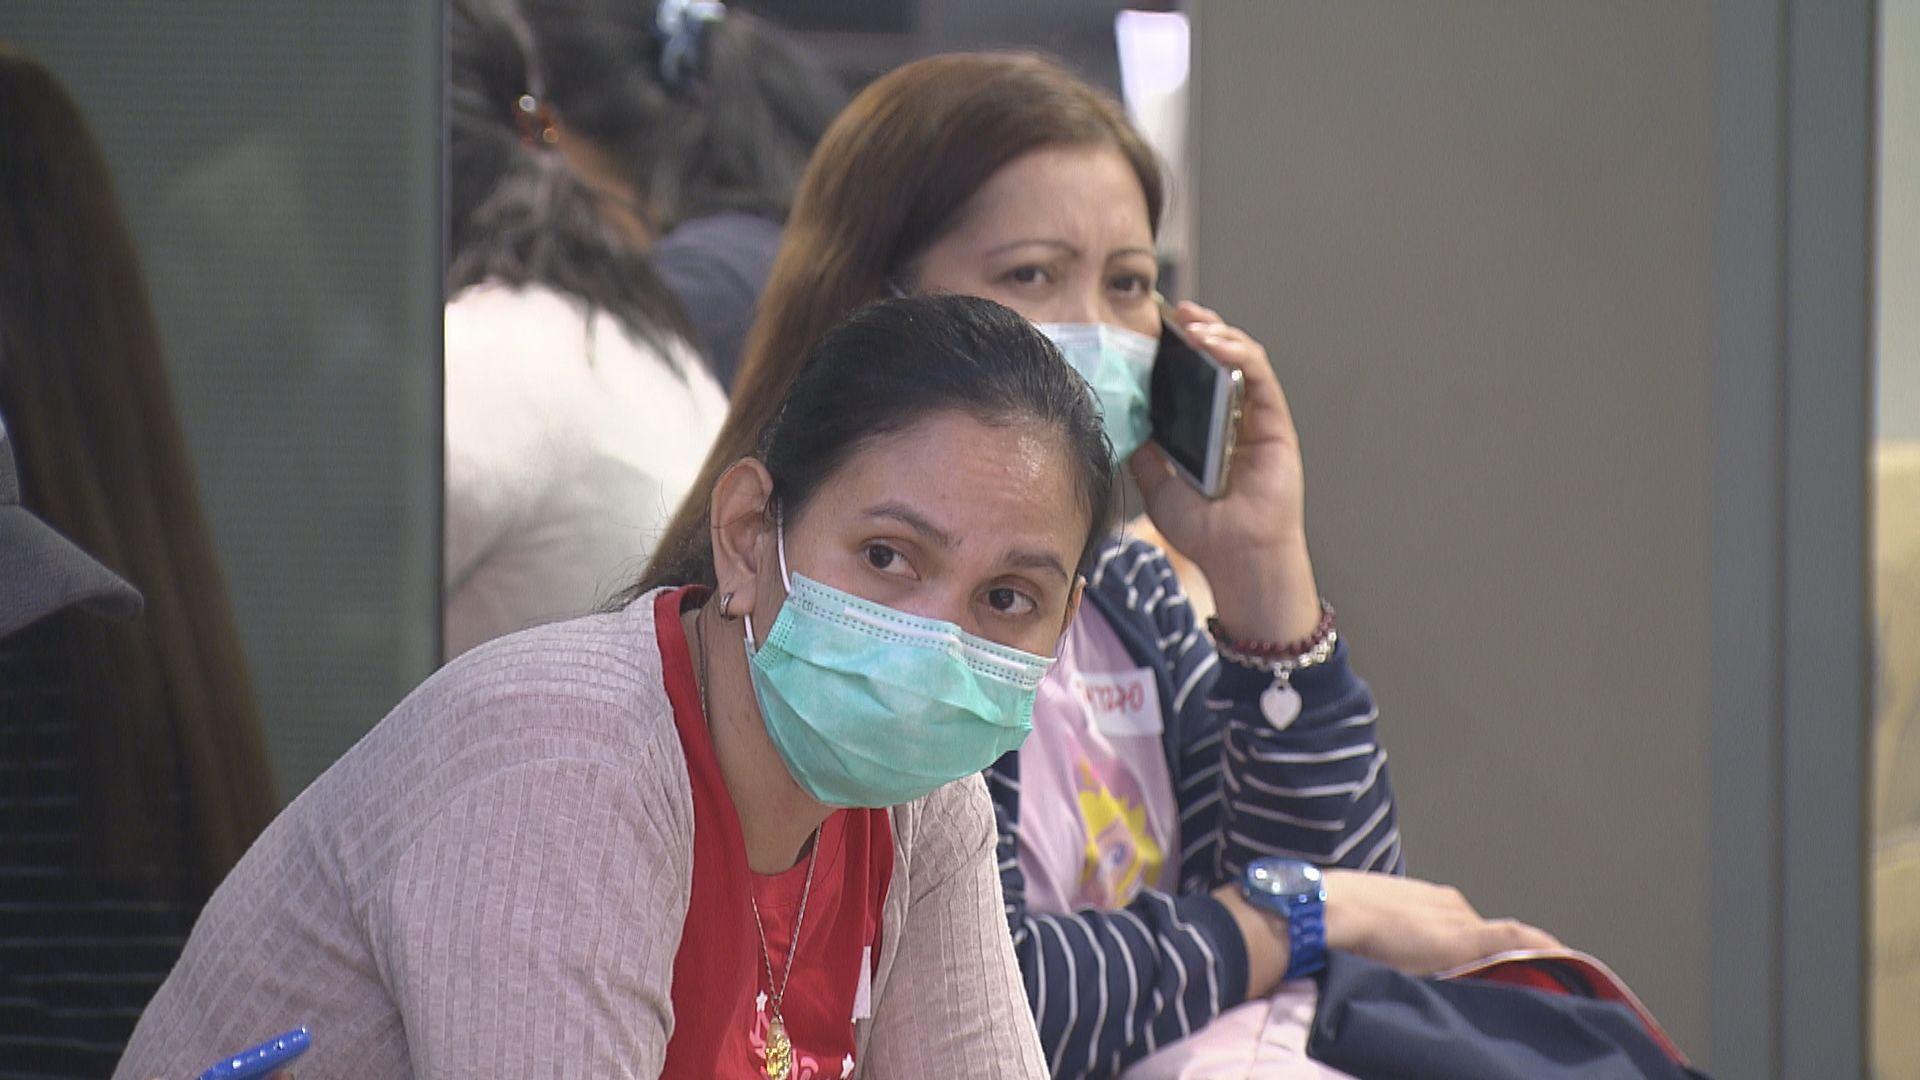 外傭完成14天檢疫仍未有病毒測試結果 僱主憂成漏洞